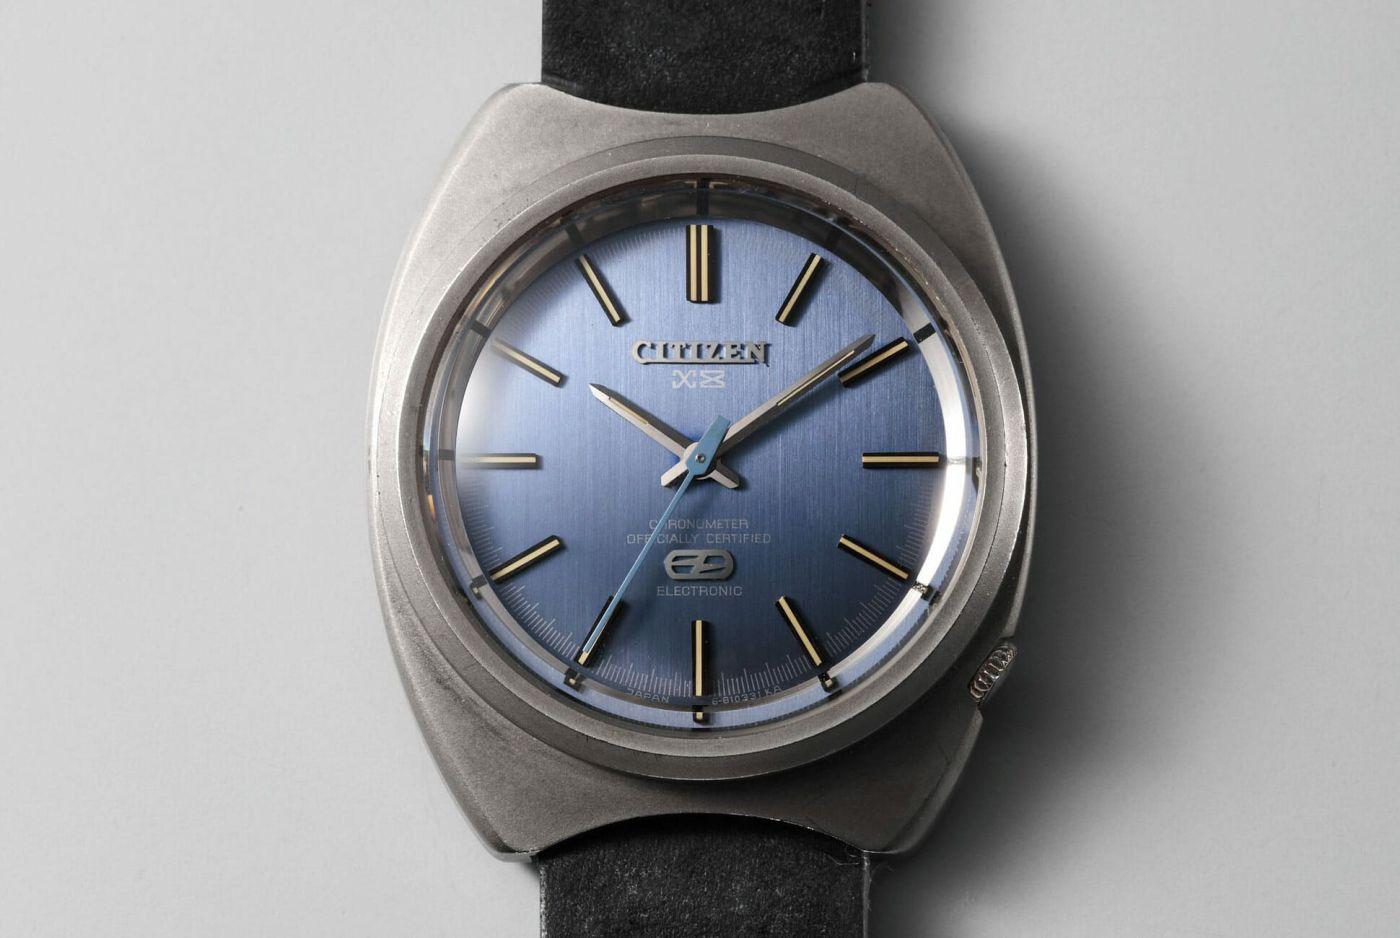 Citizen vintage X8 Chronometer